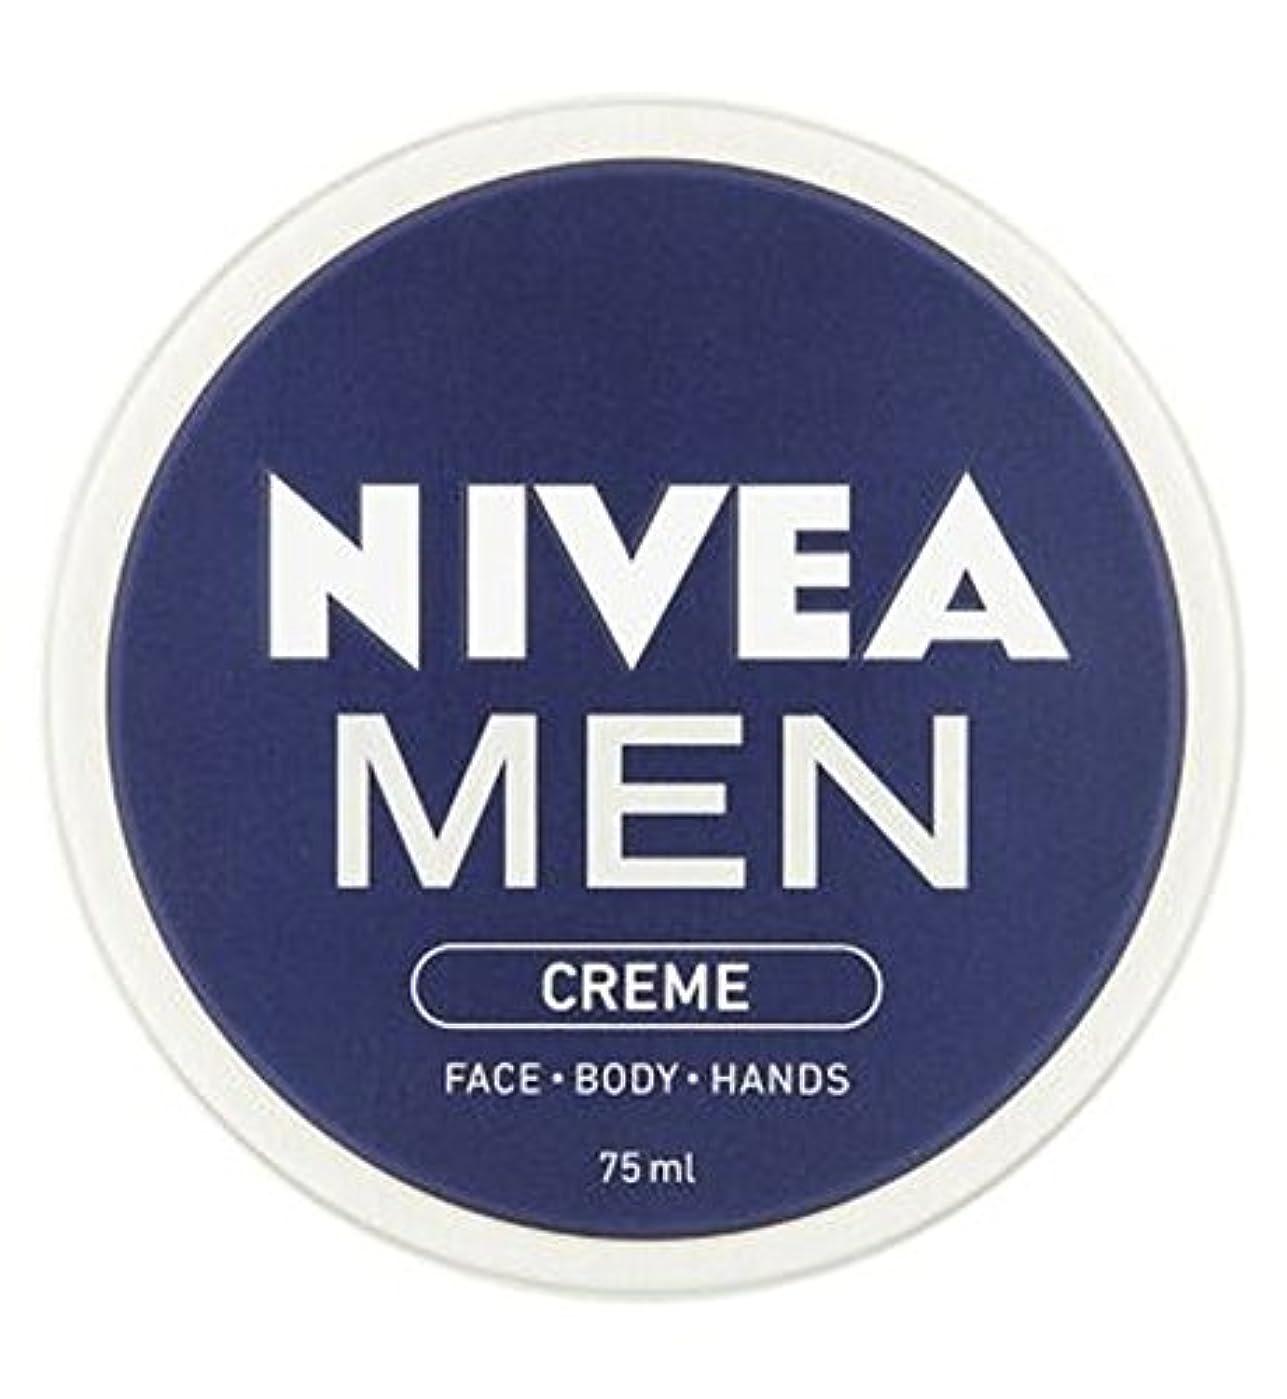 クスクスクラブするNIVEA MEN Creme 75ml - ニベアの男性は75ミリリットルをクリーム (Nivea) [並行輸入品]